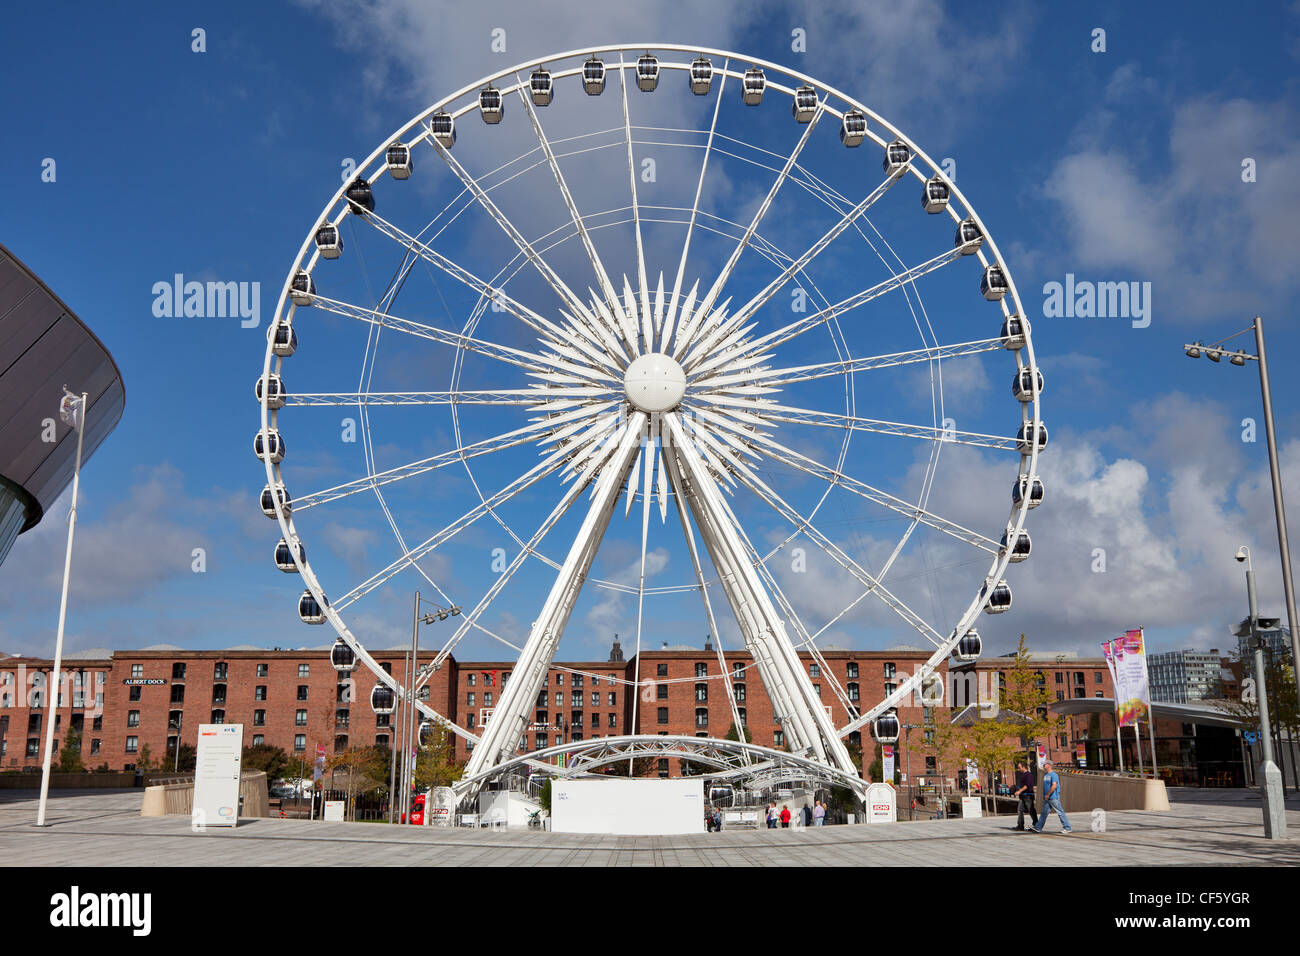 The Echo Wheel of Liverpool between Albert Dock and the Echo Arena. - Stock Image